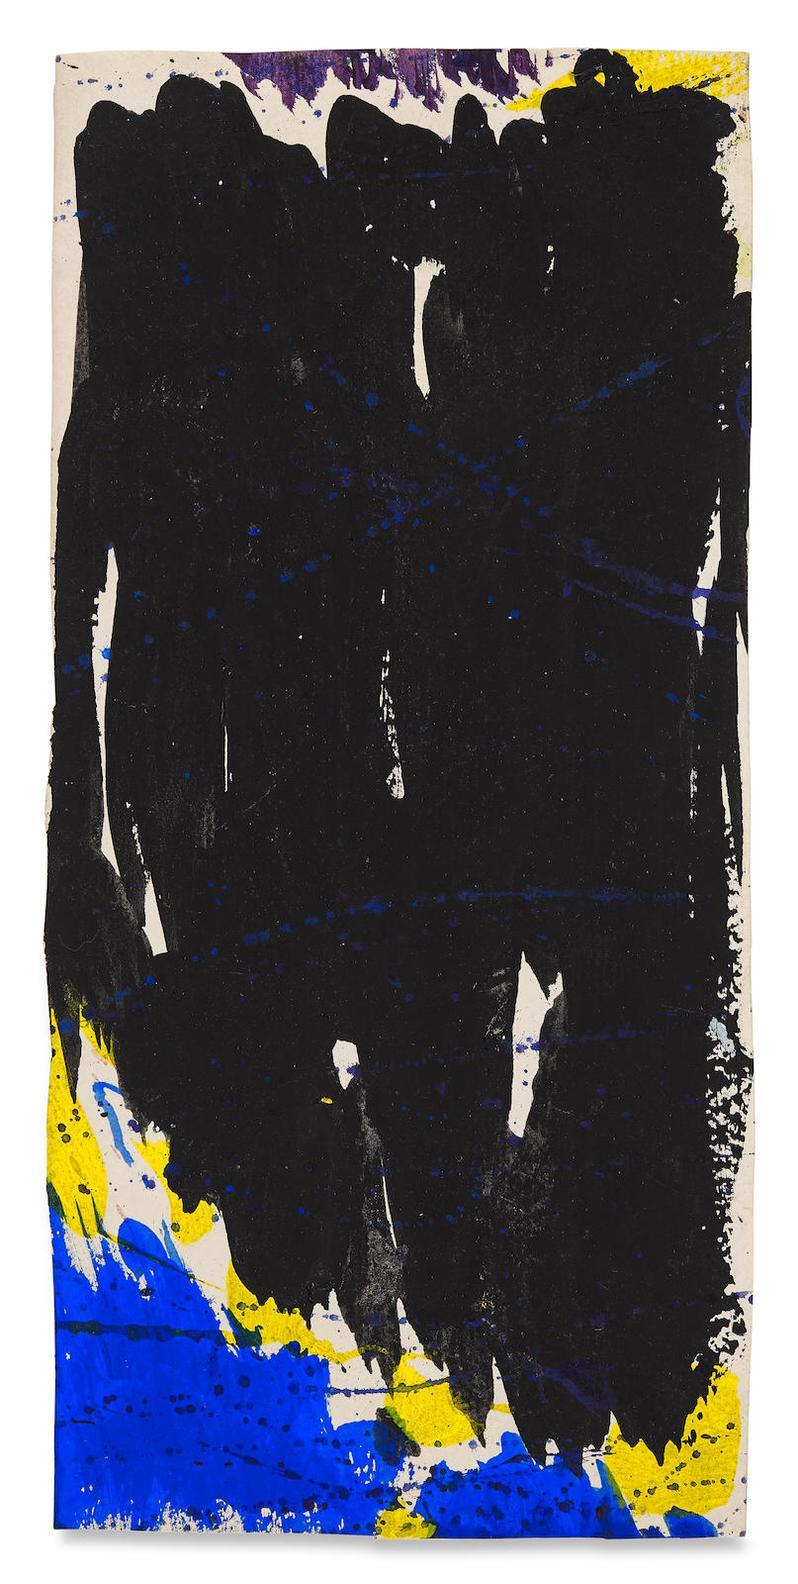 Sam Francis-Untitled (Sf59-027)-1959